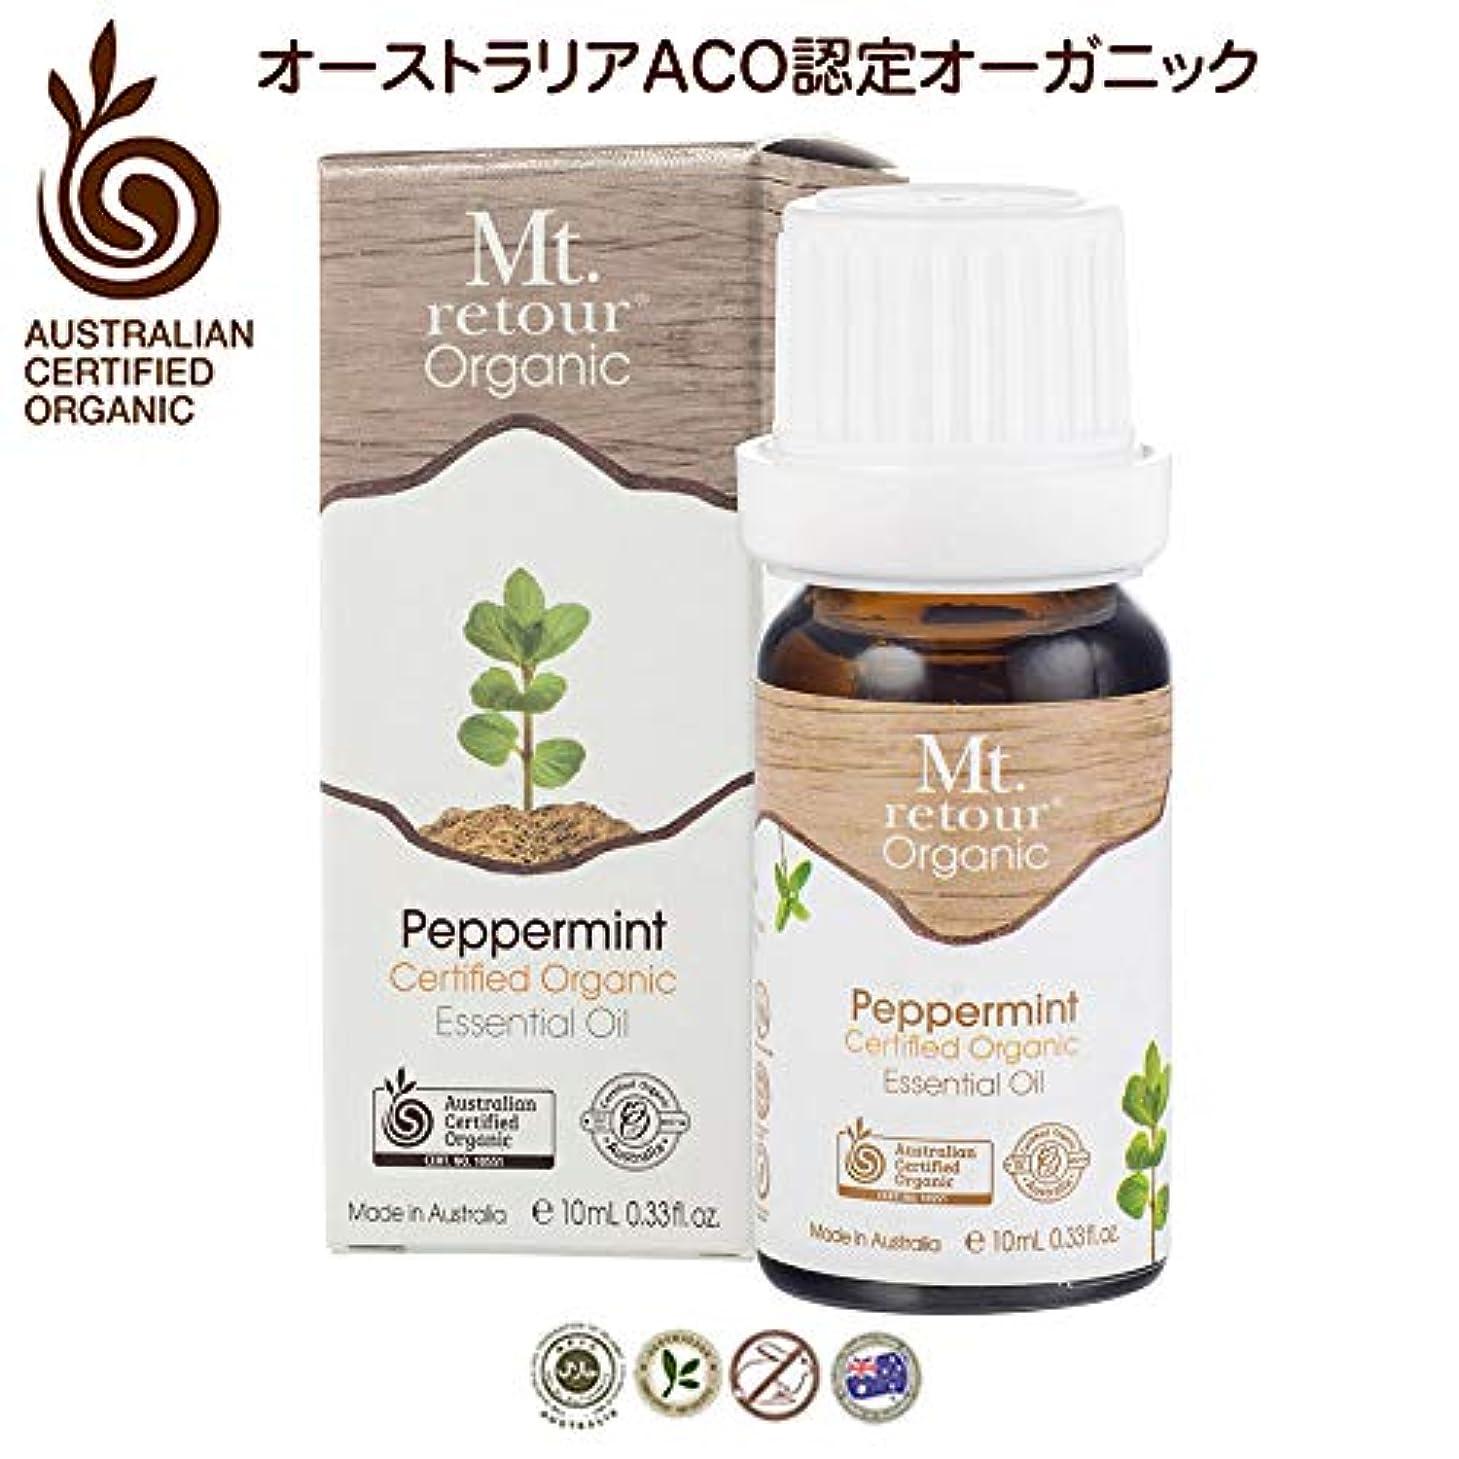 歯痛ダーリン扇動Mt. retour ACO認定オーガニック ペパーミント10ml エッセンシャルオイル(無農薬有機)アロマ